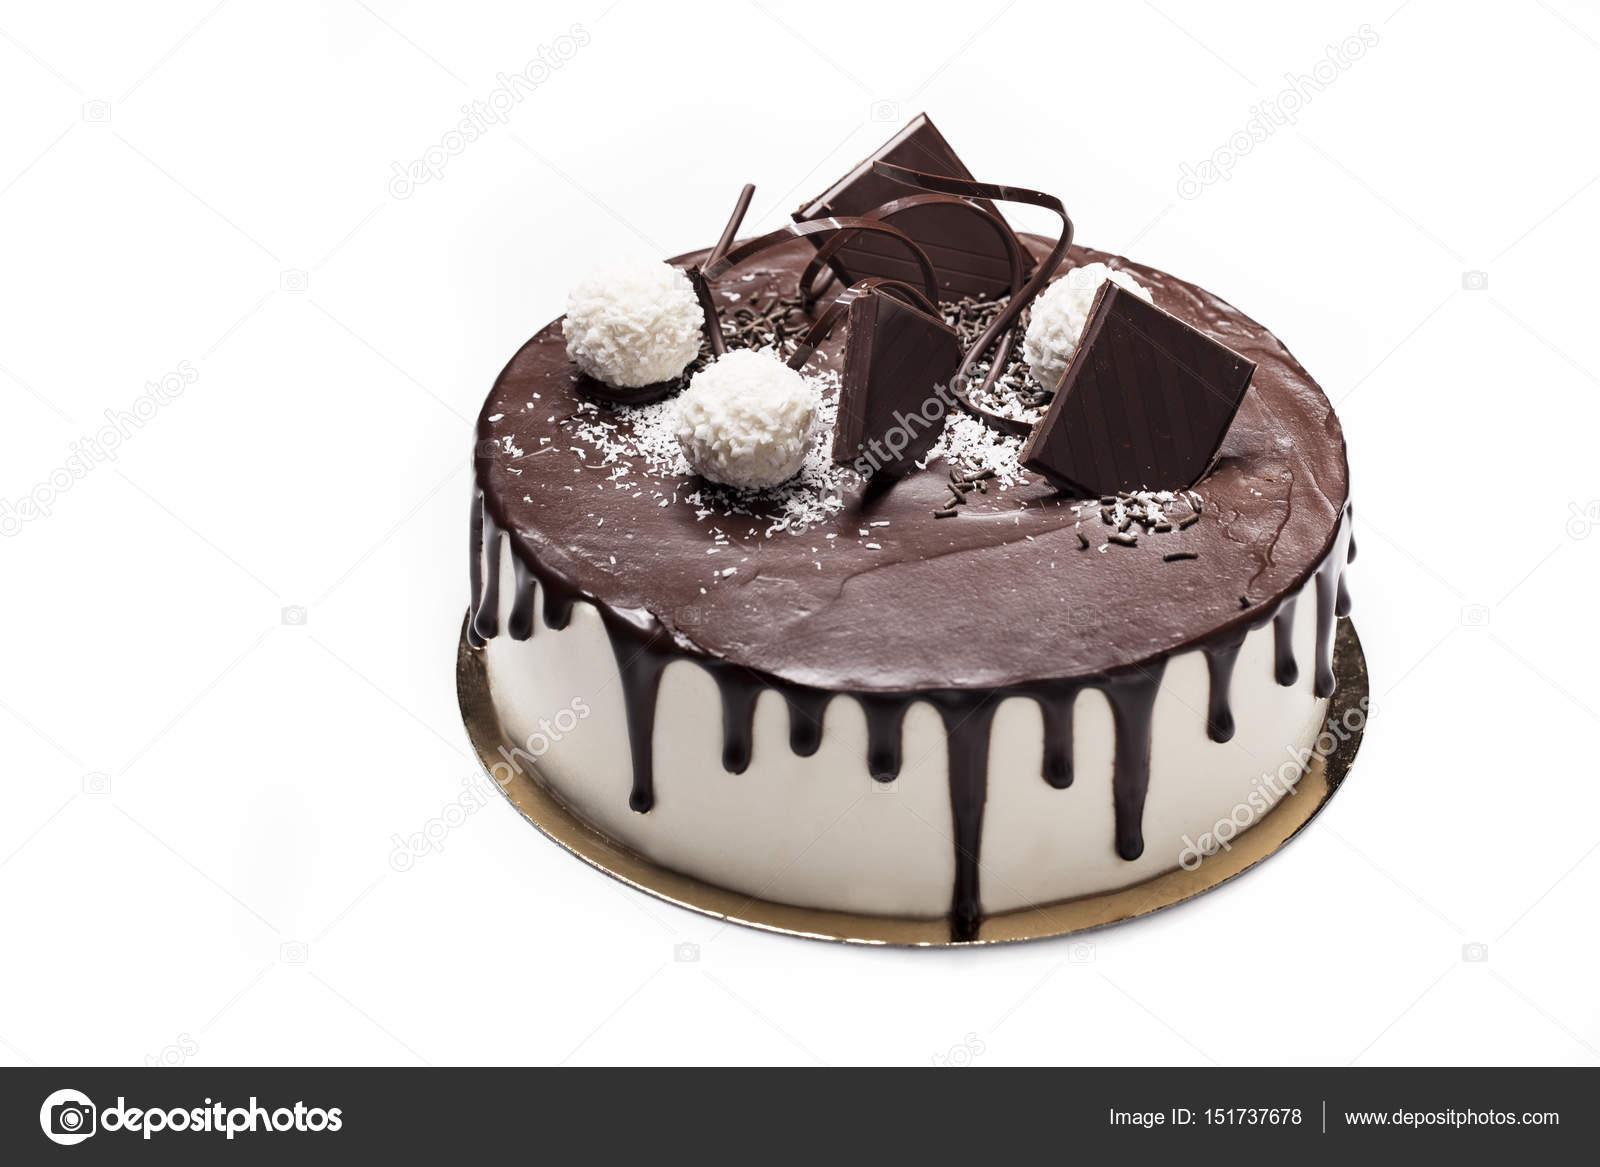 Bianco torta ricoperta di glassa al cioccolato scuro \u2014 Foto di